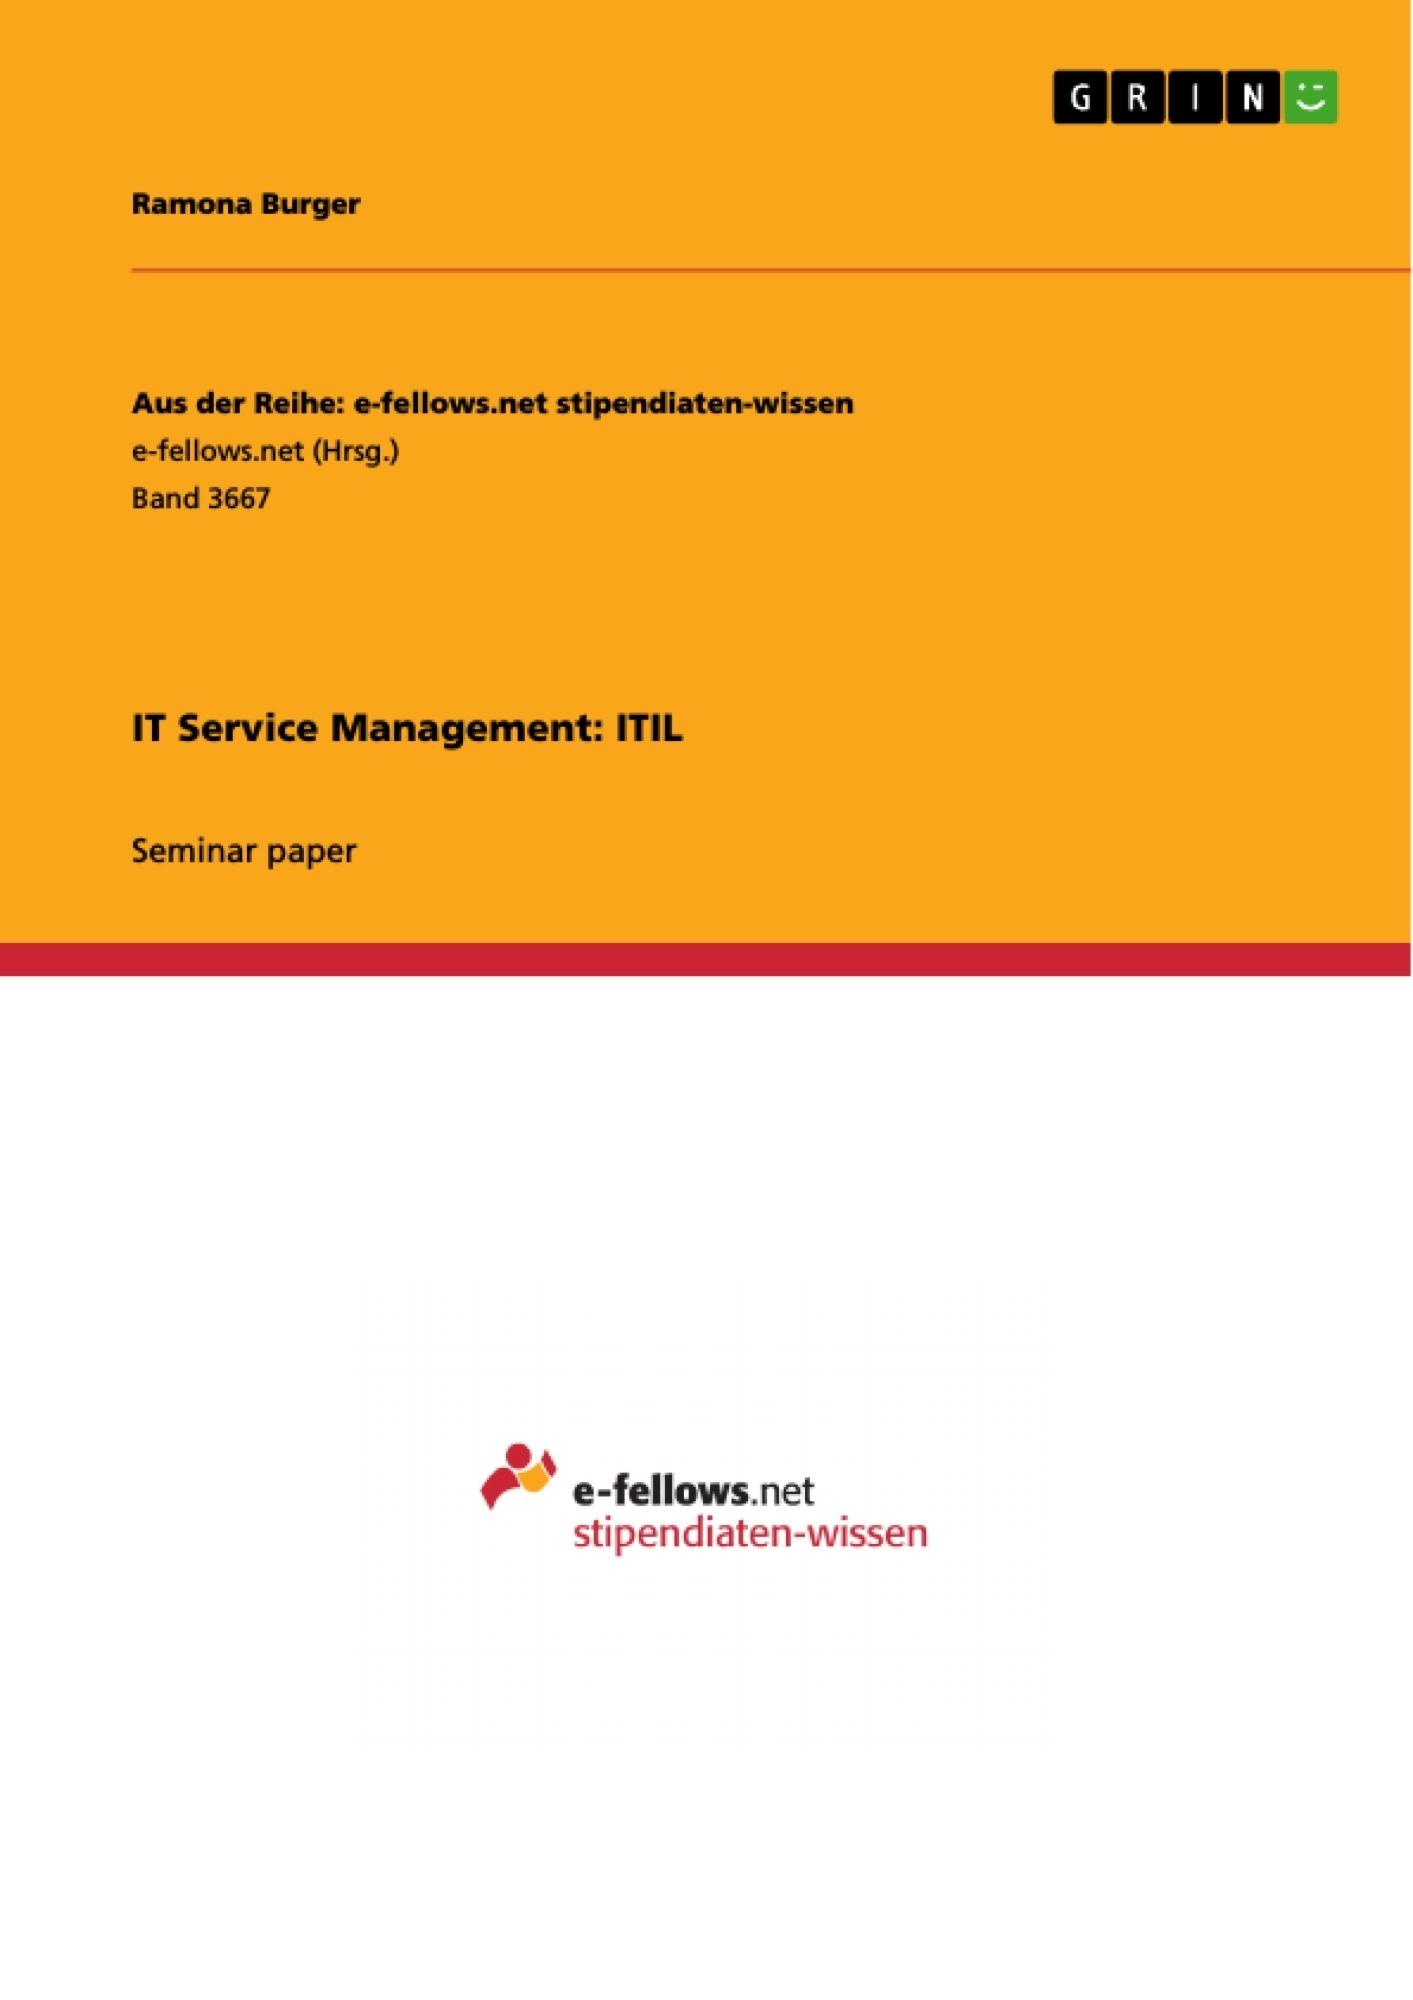 Title: IT Service Management: ITIL